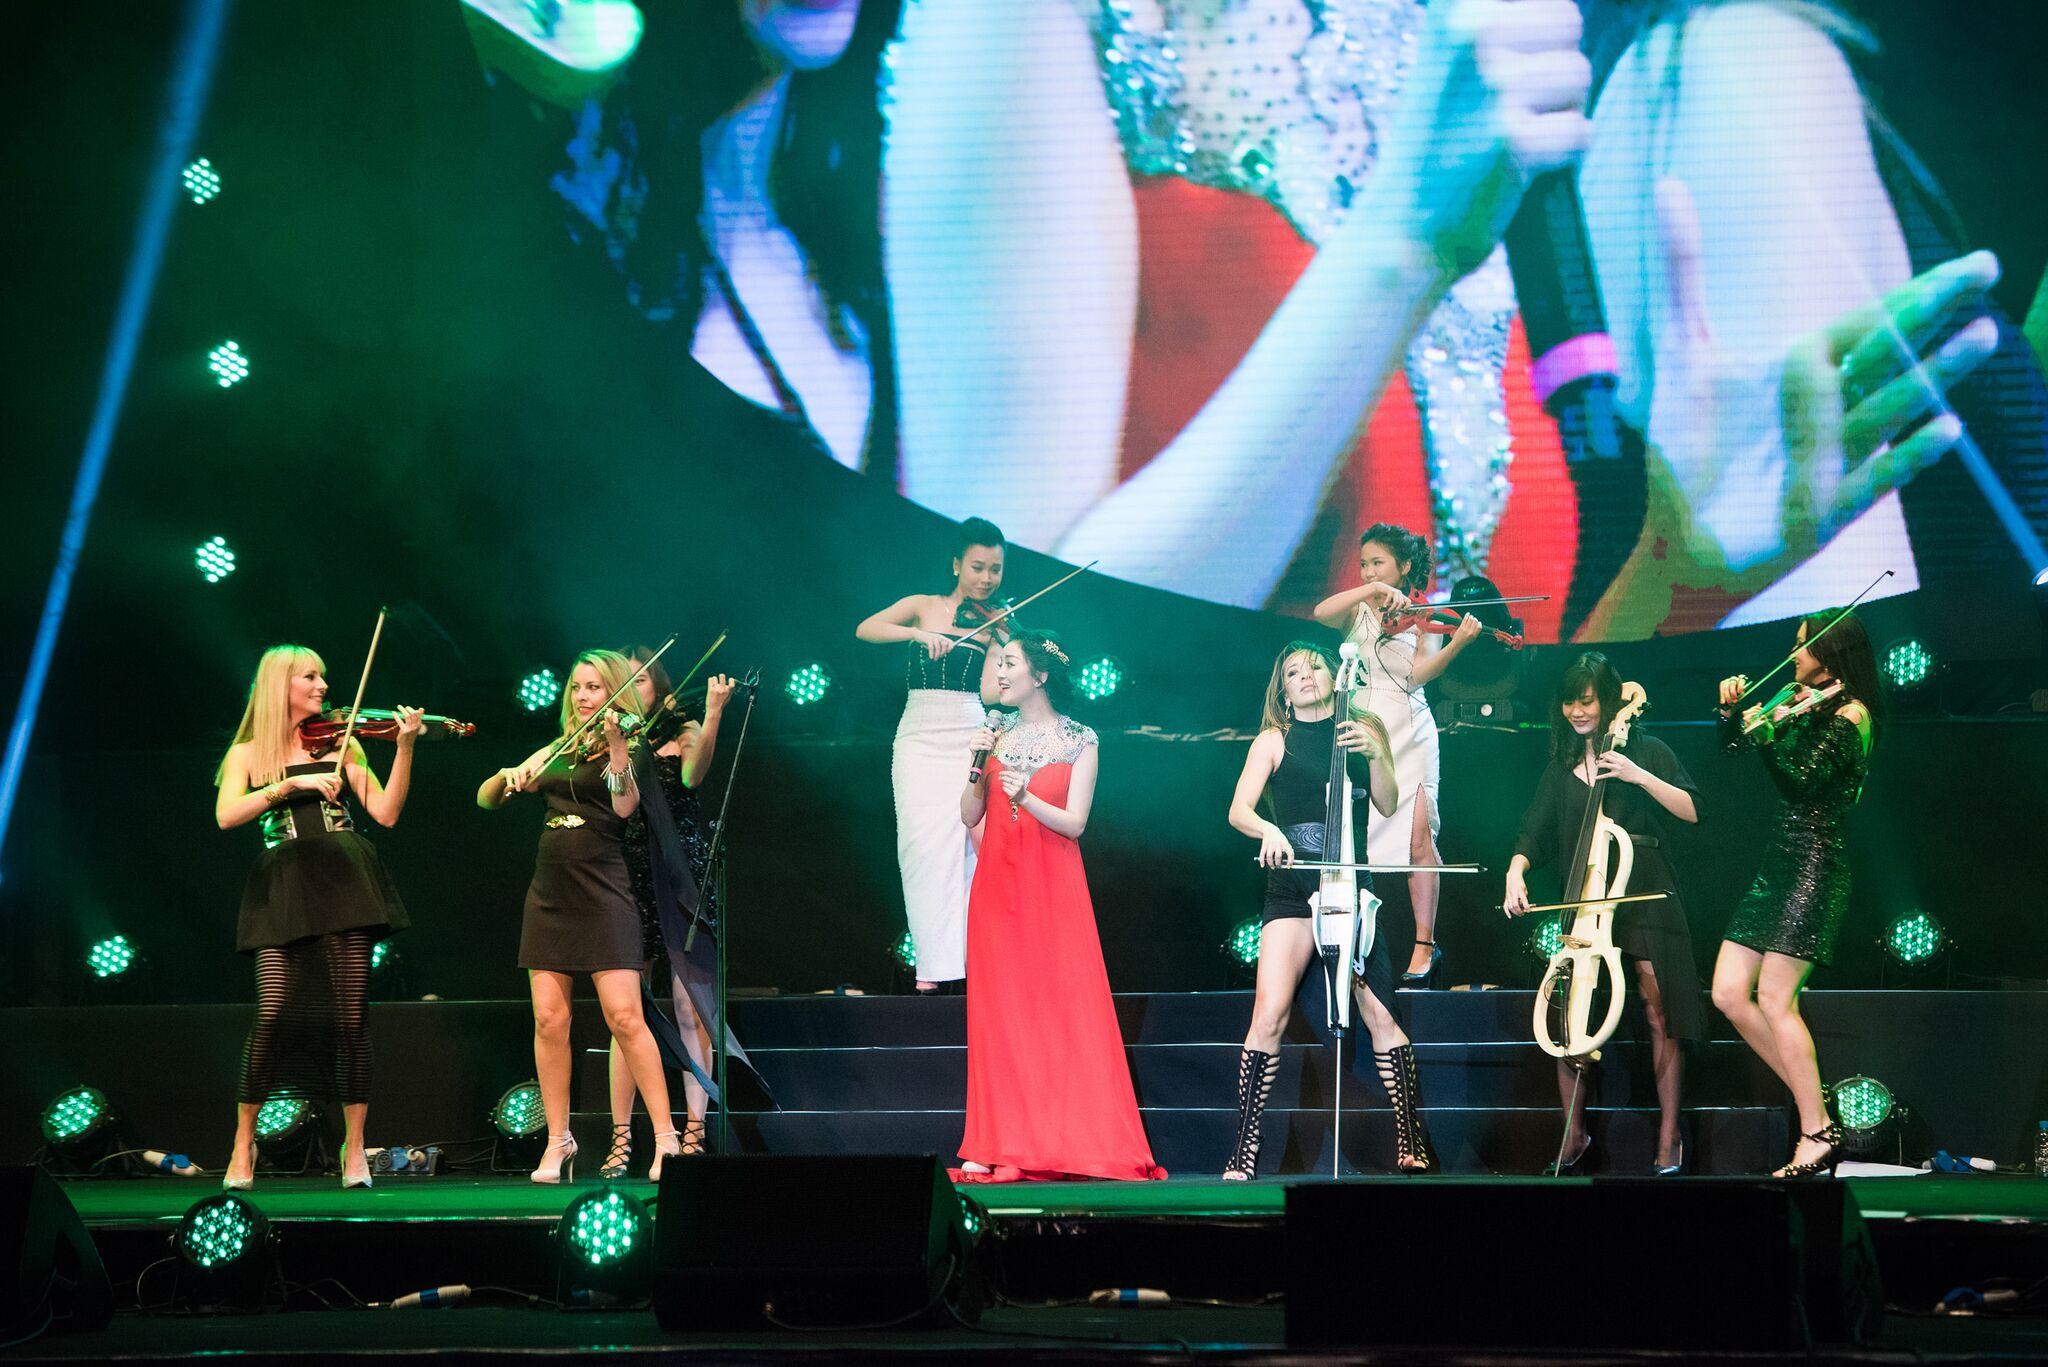 Dàn nhạc giao hưởng triệu view khẳng định đẳng cấp với concert cùng diva Hàn Quốc Sohyang - Ảnh 5.